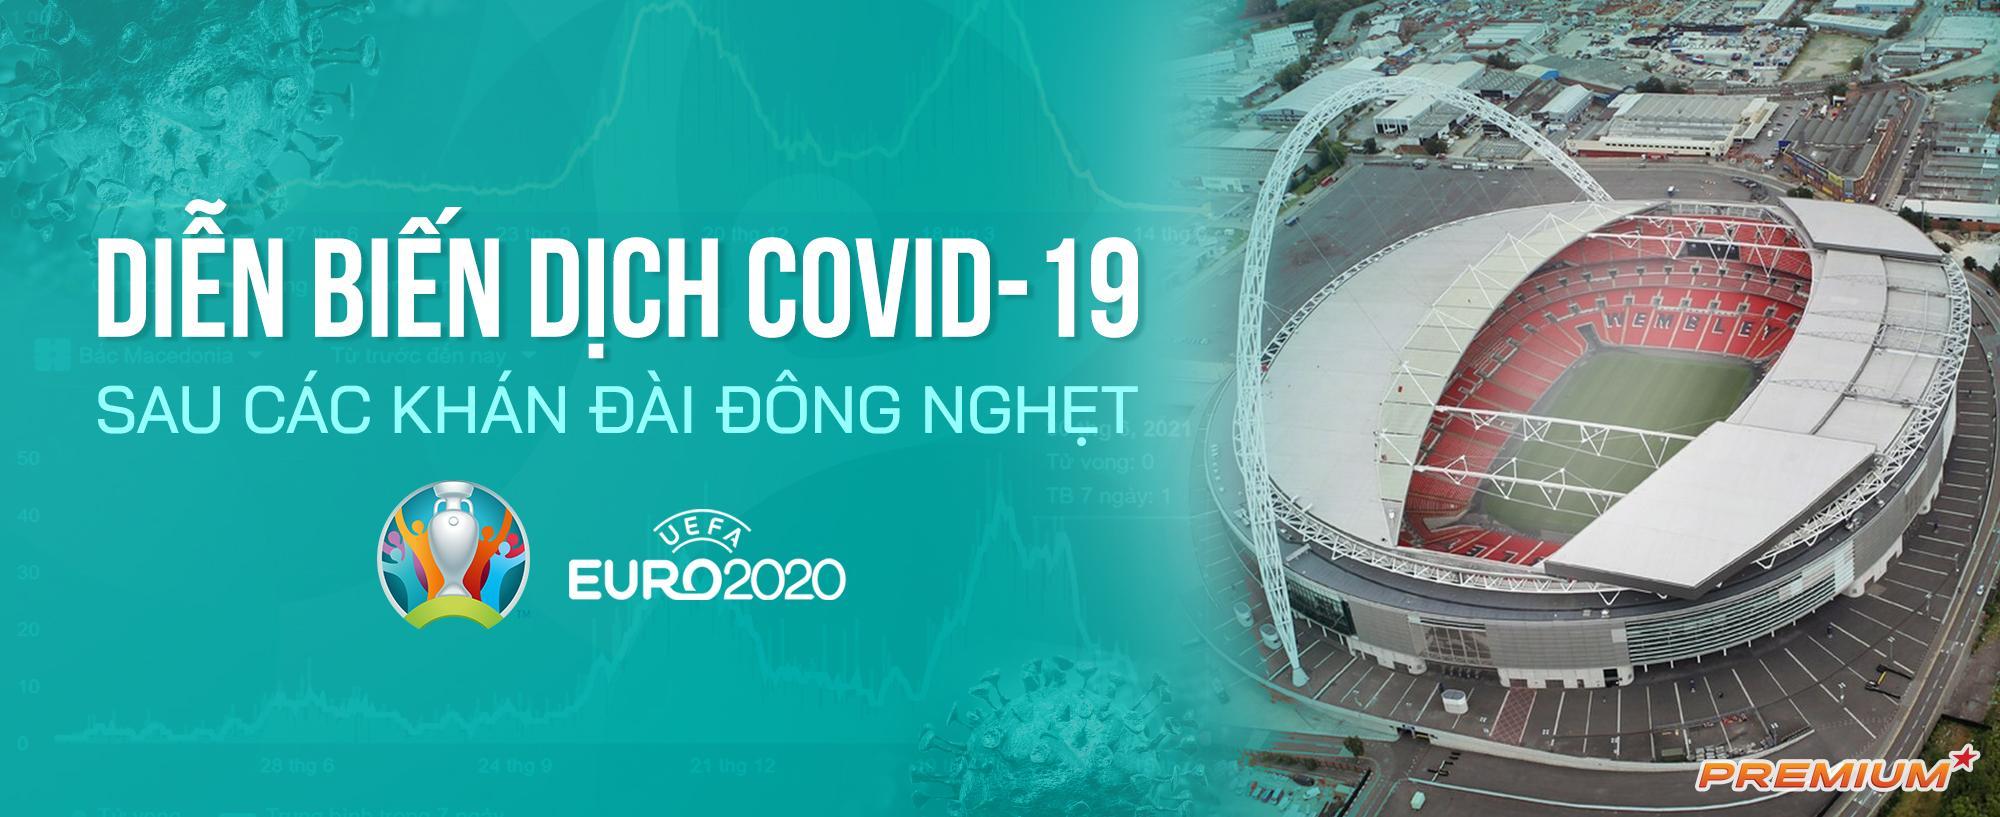 Diễn biến dịch Covid-19 sau các khán đài đông nghẹt Euro 2020